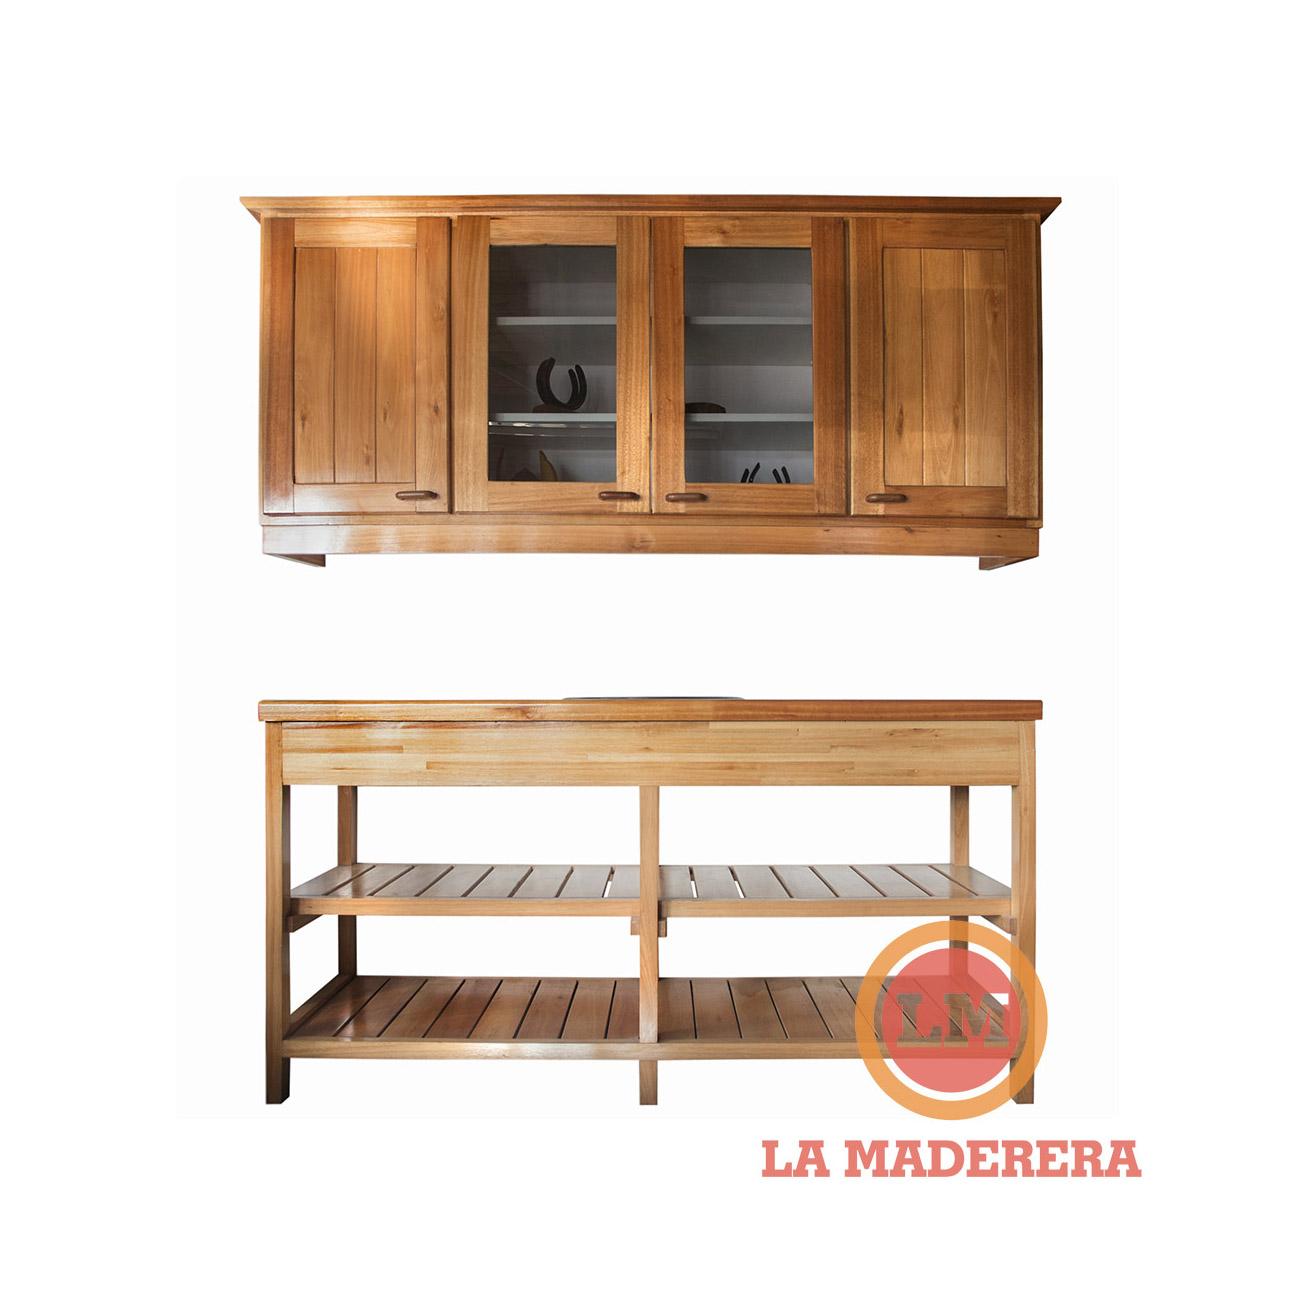 Mueble bajo mesada + alacena con bacha incluida en saligna grandis